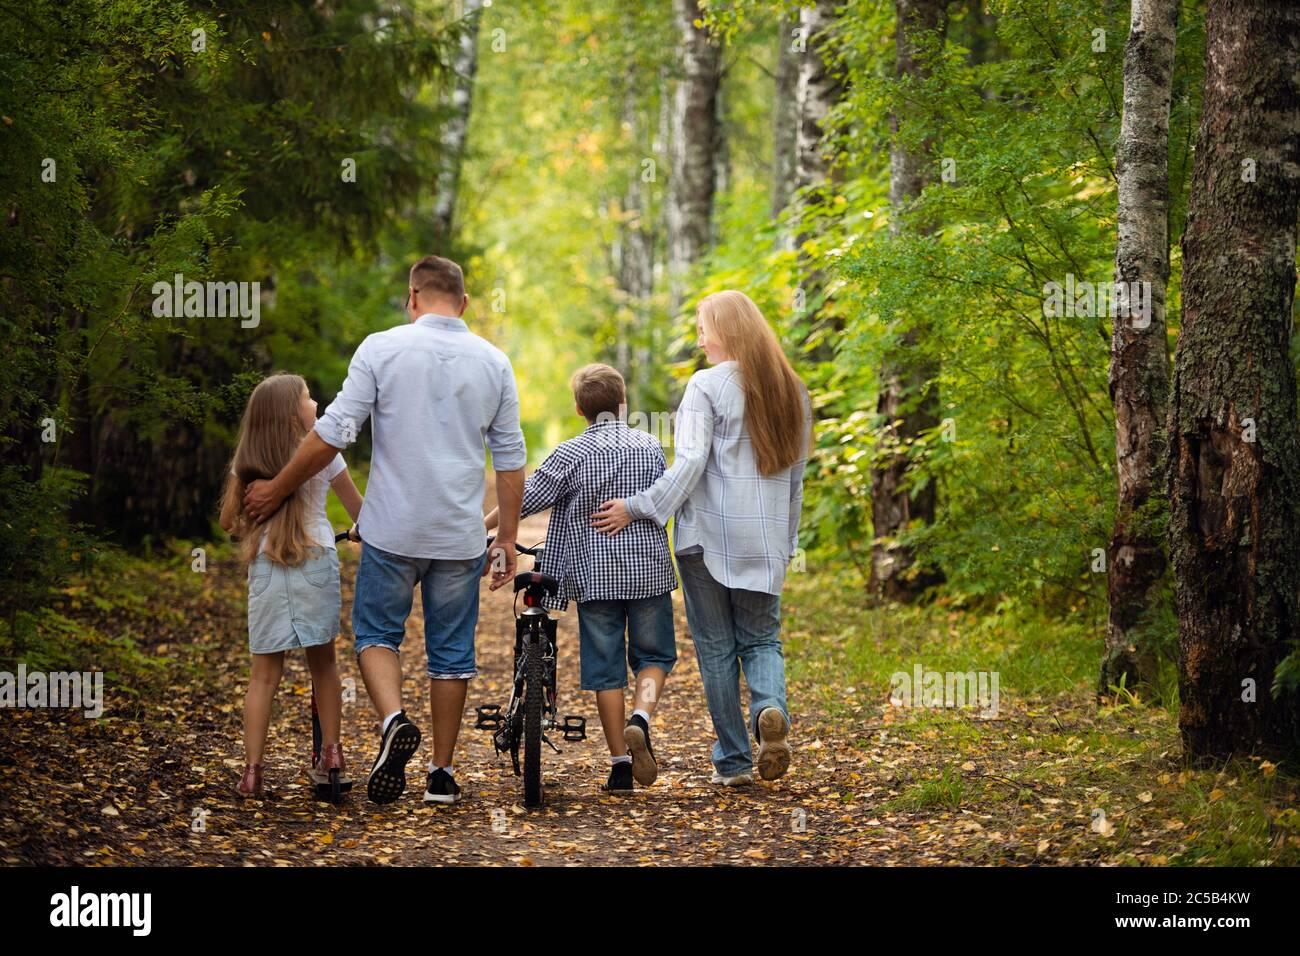 Feliz familia al aire libre sonriendo en un bosque de verano Foto de stock